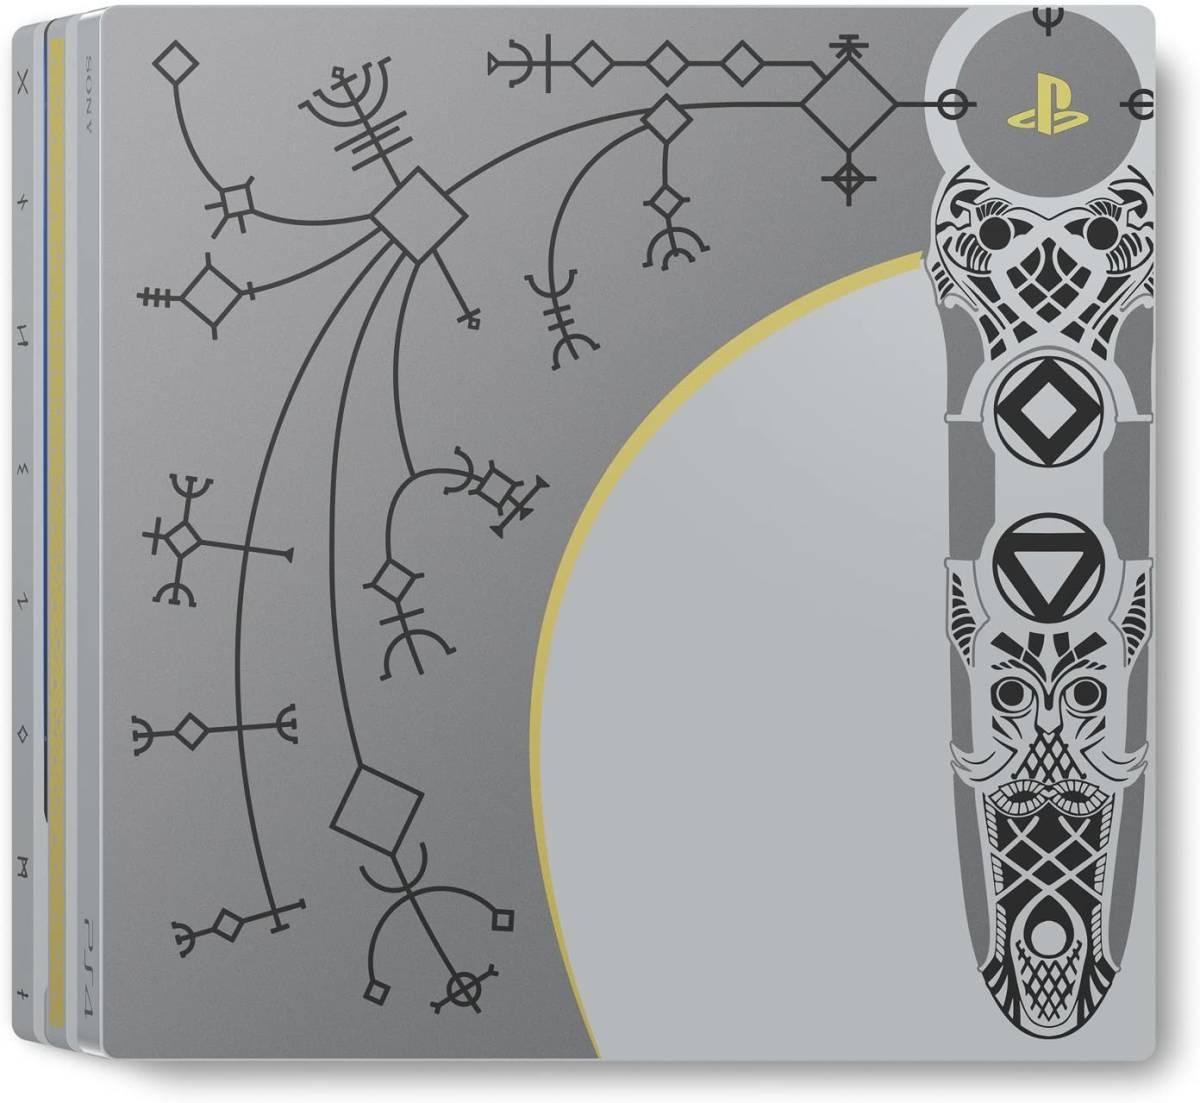 即決 送料込み■限定PS4 Pro本体 内蔵SSD 1TB換装済 PlayStation 4 Pro GOD OF WAR リミテッドエディション ゴッド・オブ・ウォー